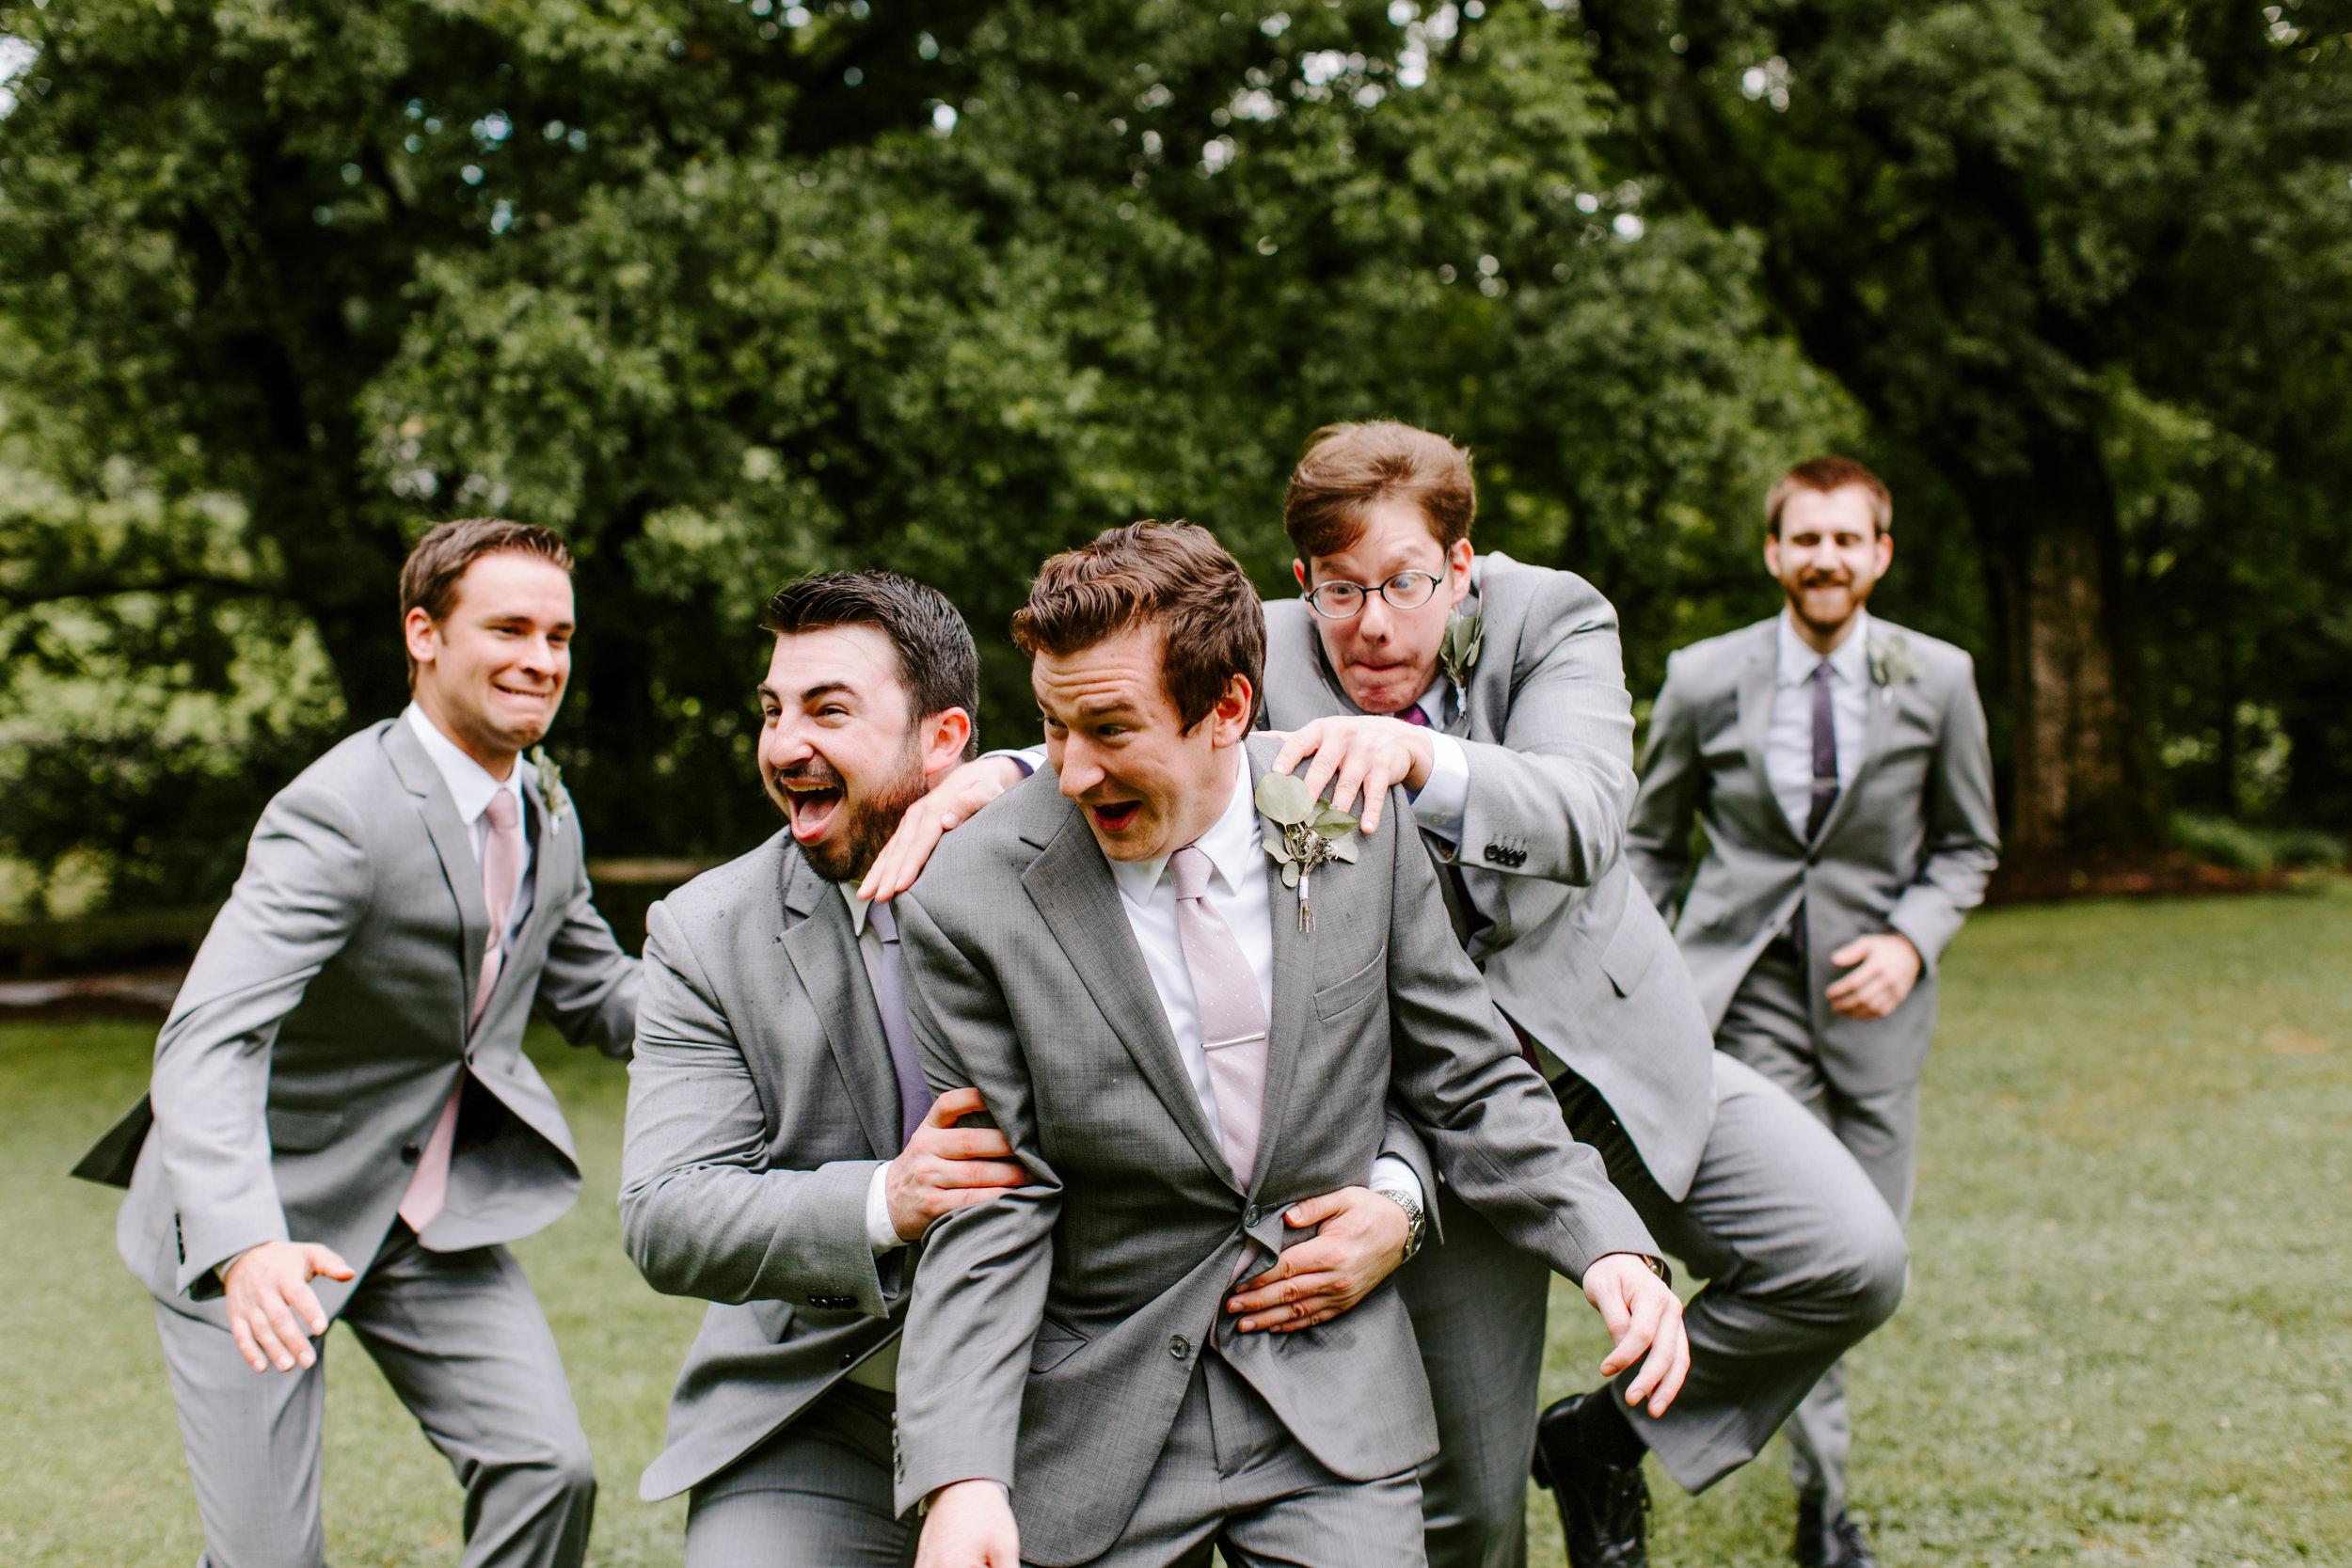 daras-garden-wedding-photographer.jpg